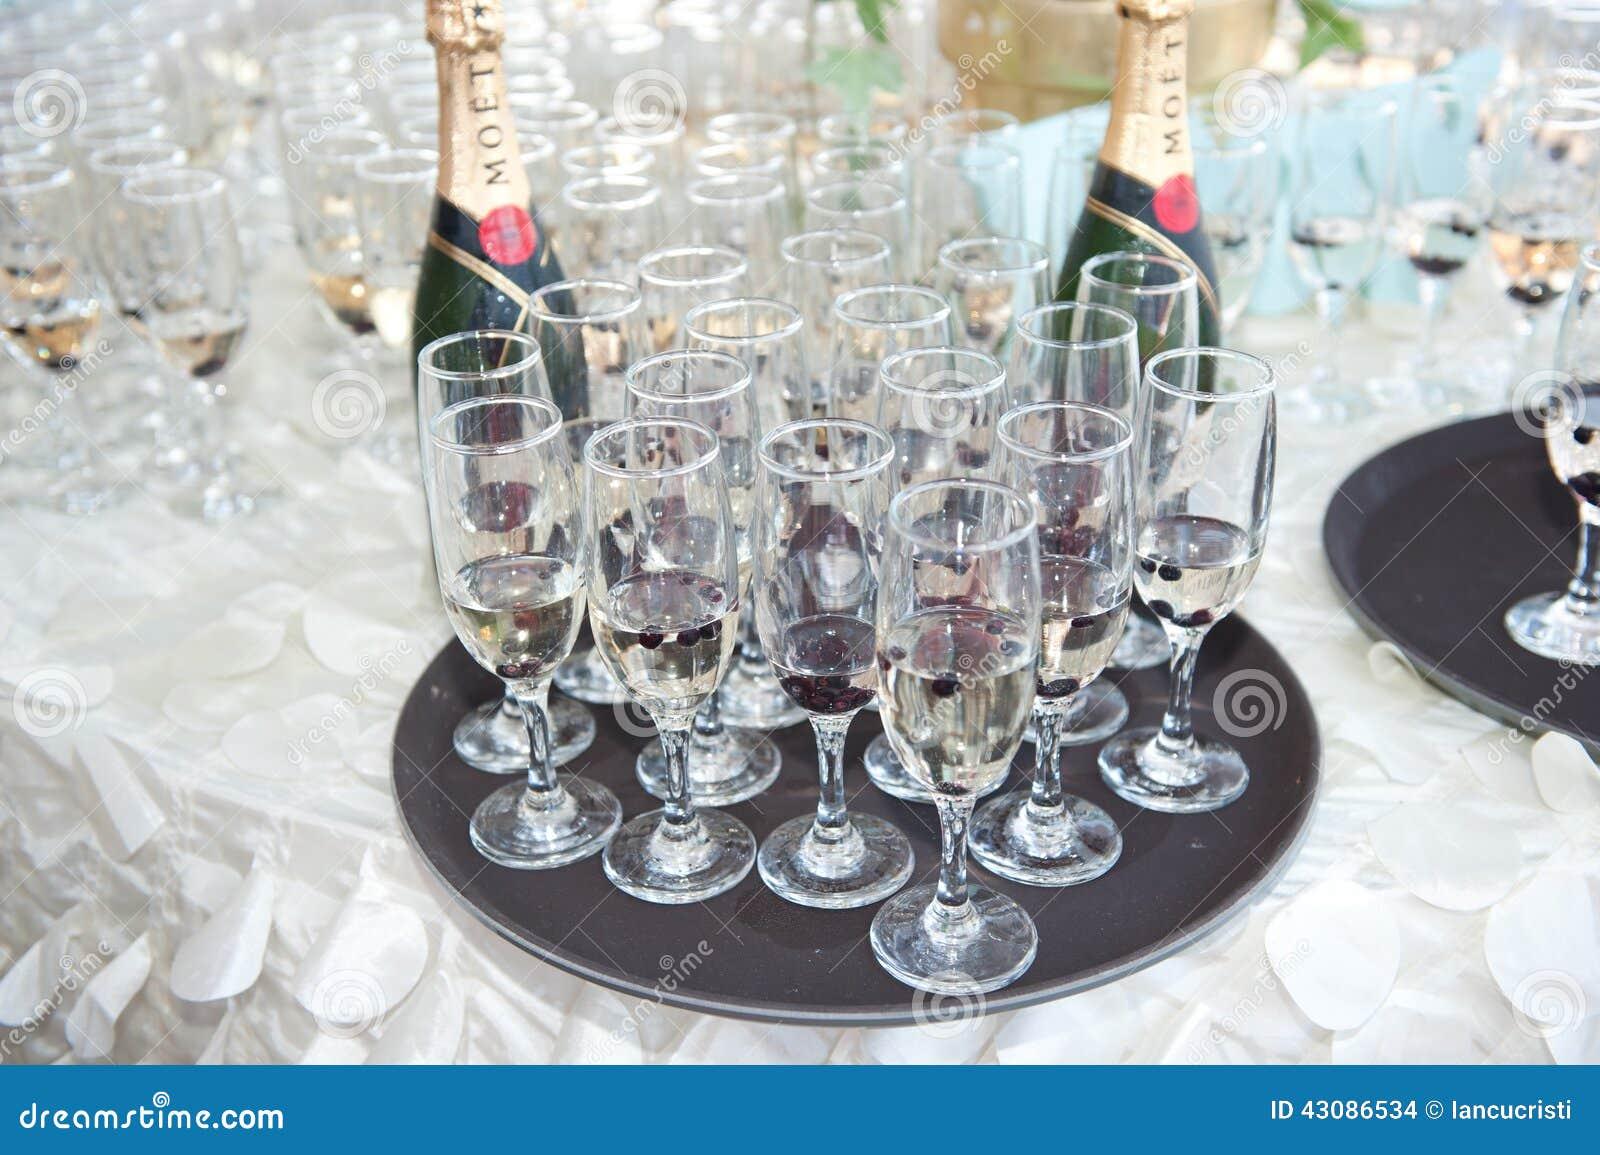 D coration avec des verres et deux bouteilles de champagne sur la table de f te photo stock - La bouteille sur la table ...